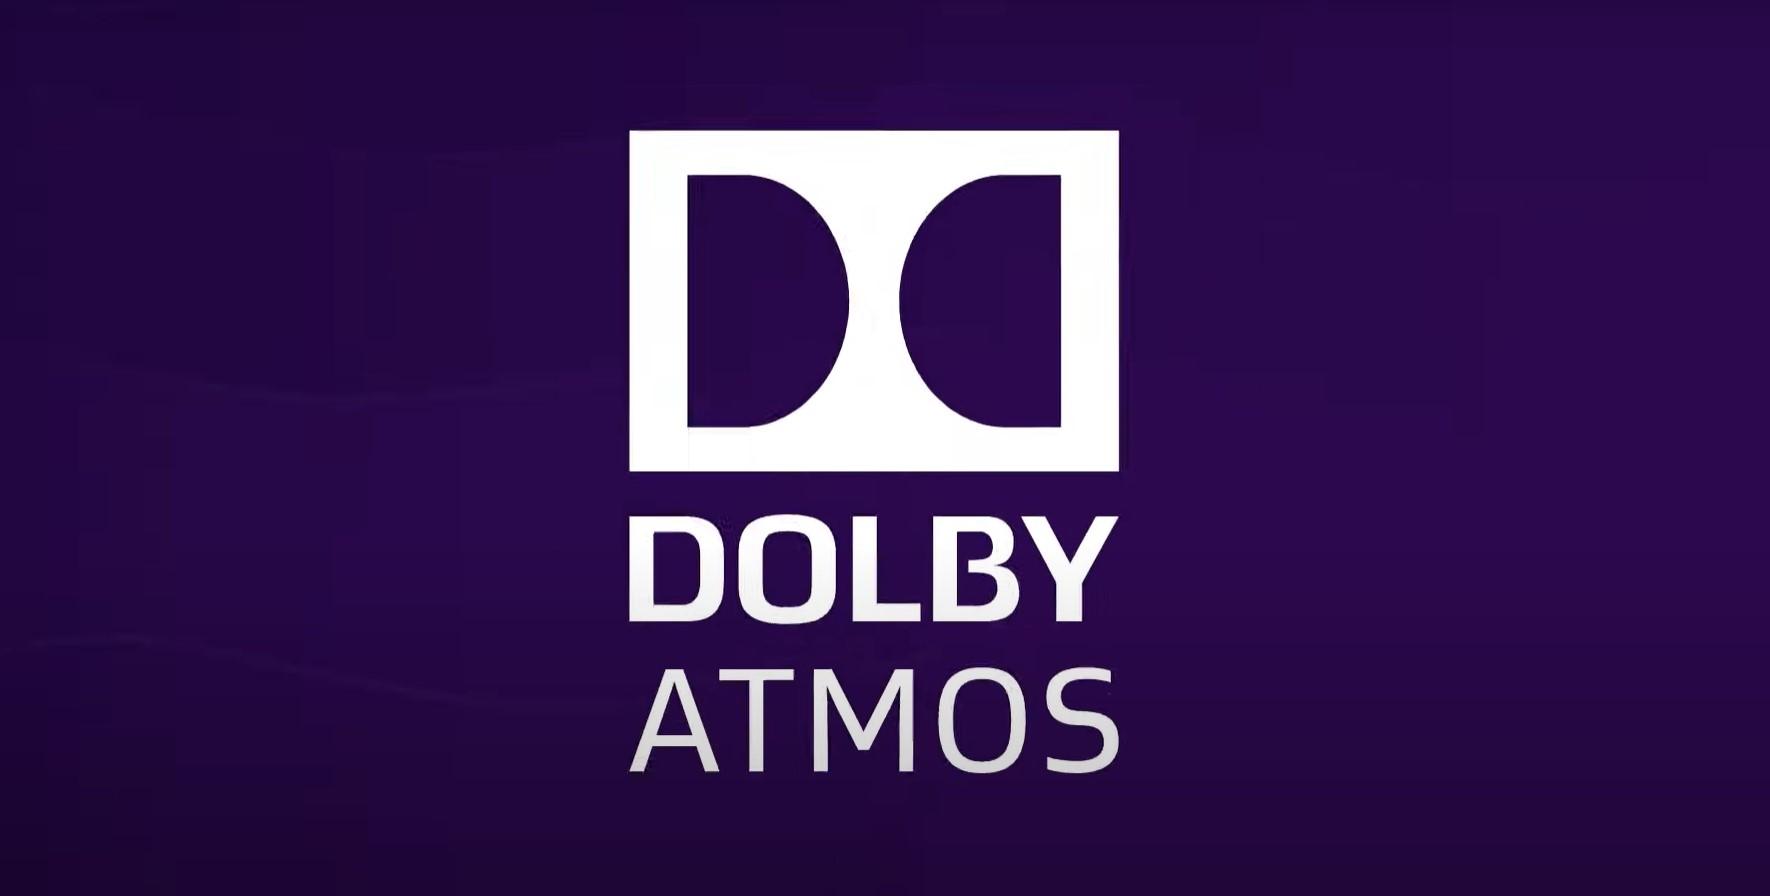 Dolby Atmos APK for Andorid